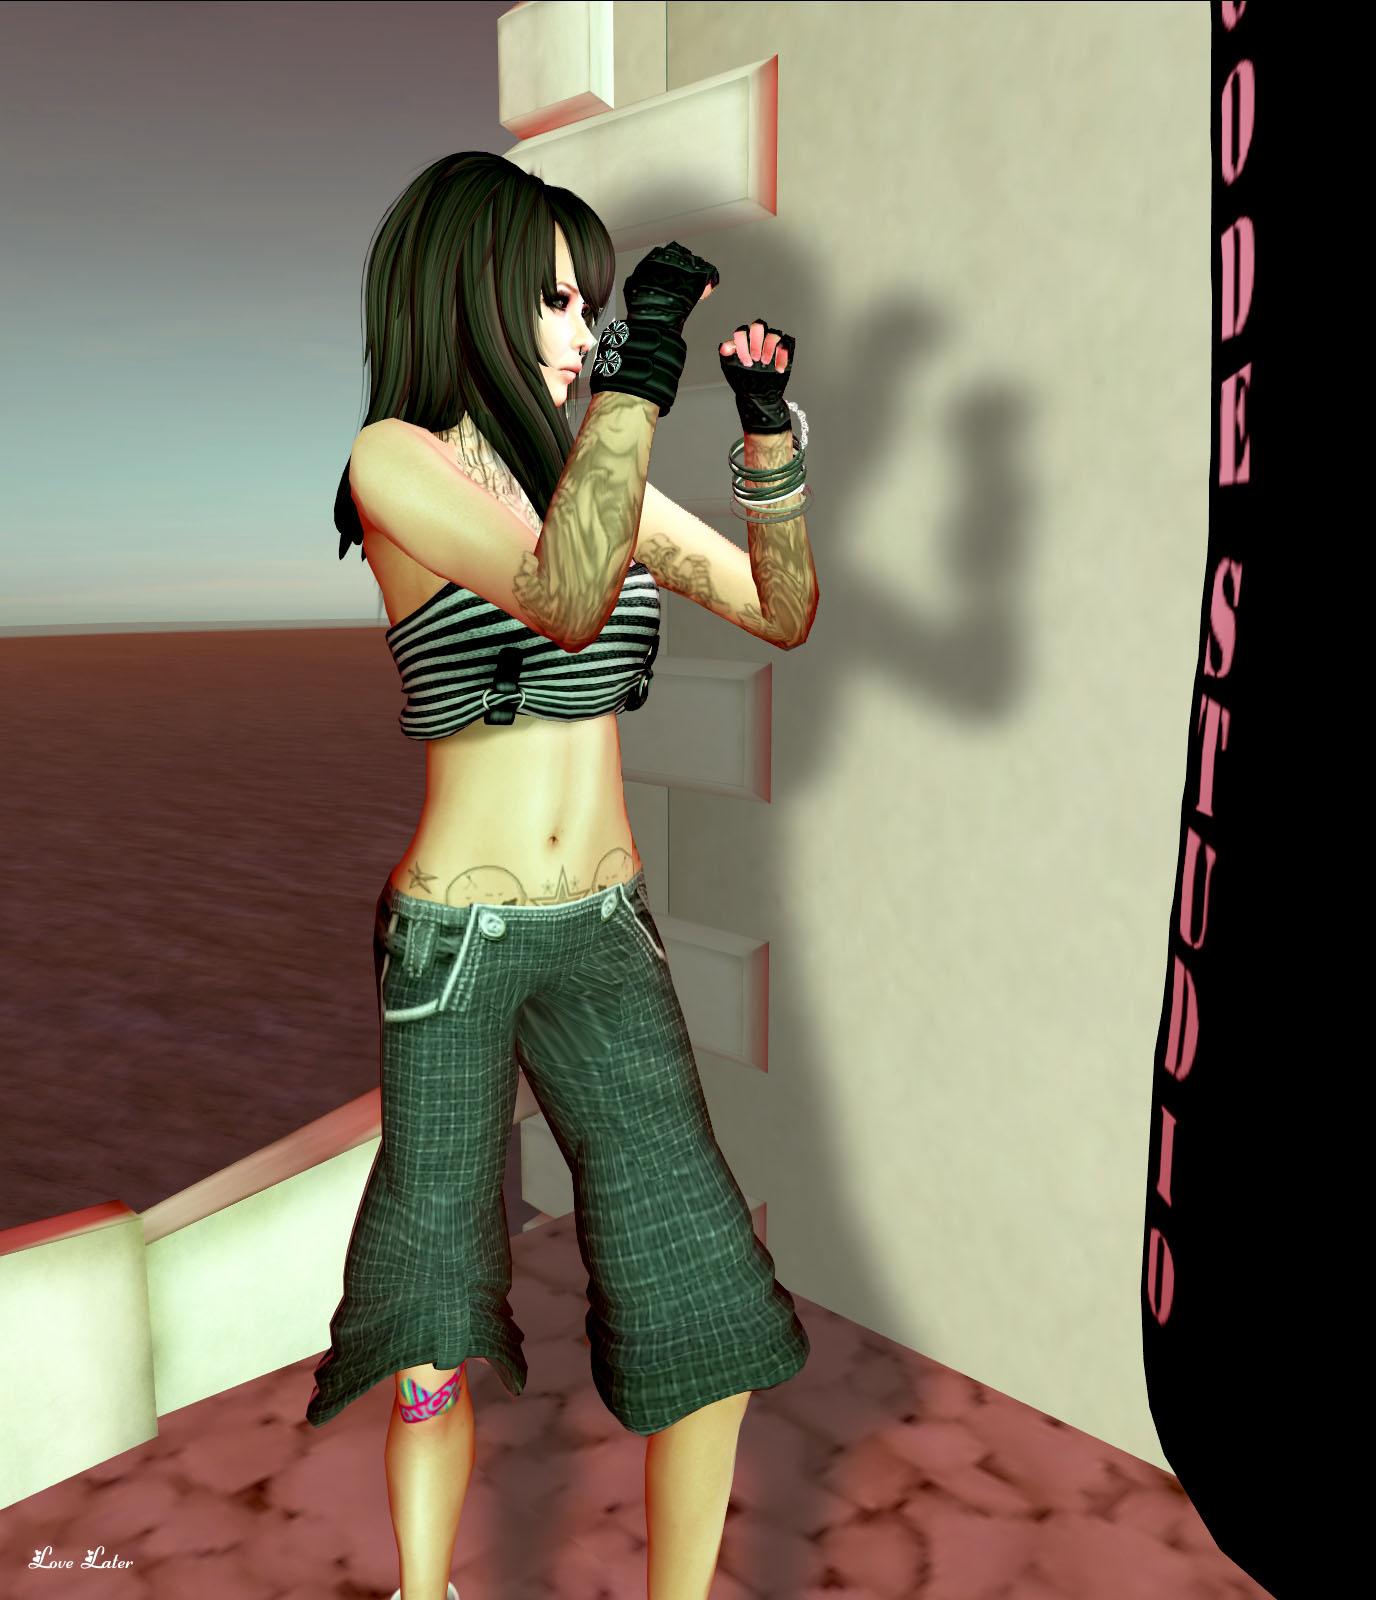 http://4.bp.blogspot.com/-ndKEcN0WgcI/TbuEj1mQw7I/AAAAAAAAA7Y/R_AXlQtTXWo/s1600/boxing1.jpg